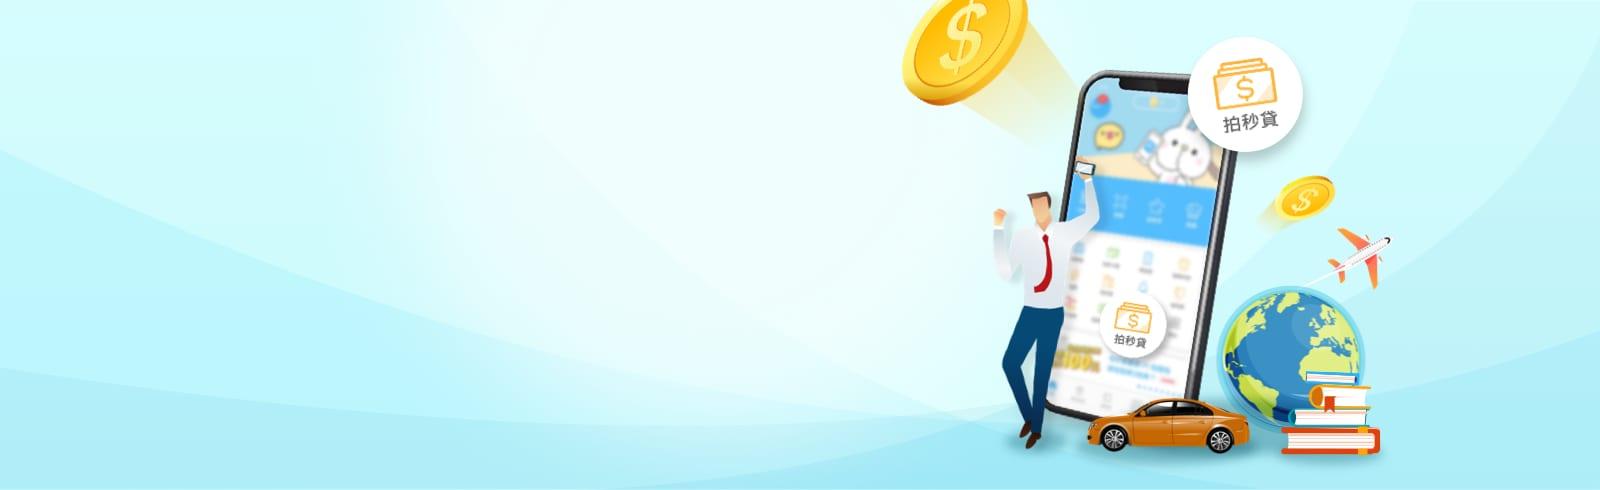 拍秒貸數位貸款